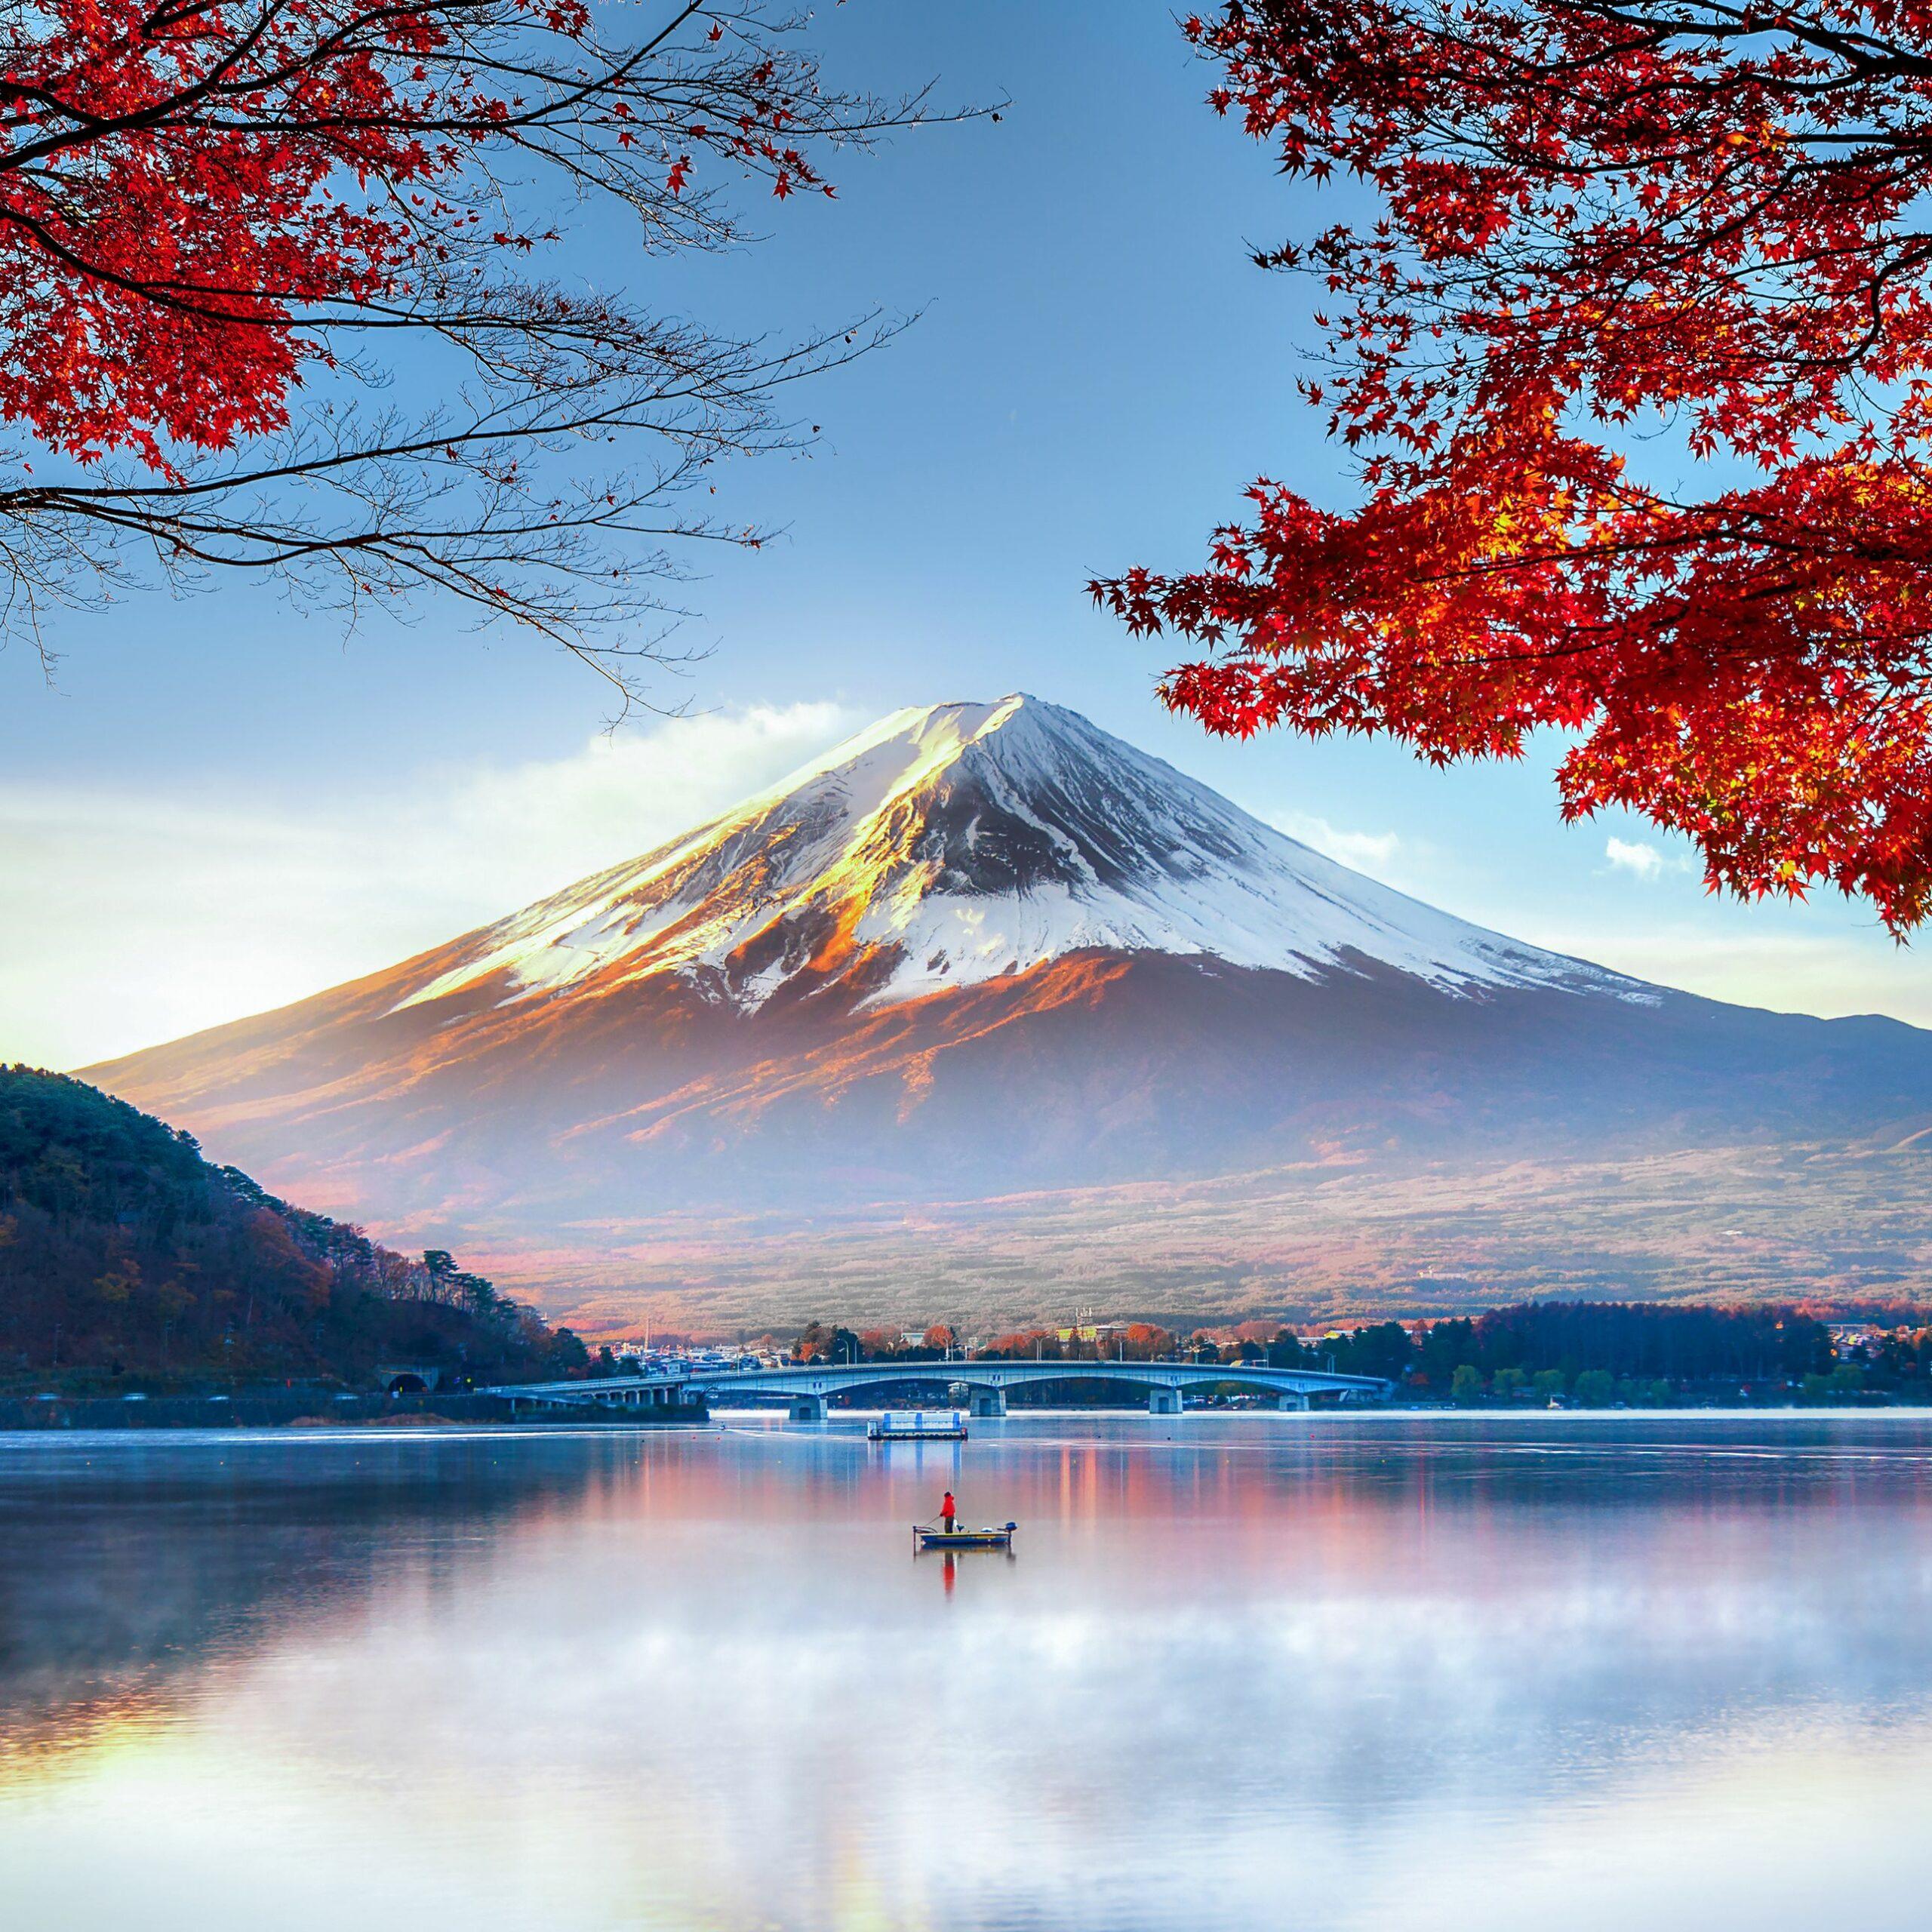 fuji-mountain-in-autumn.